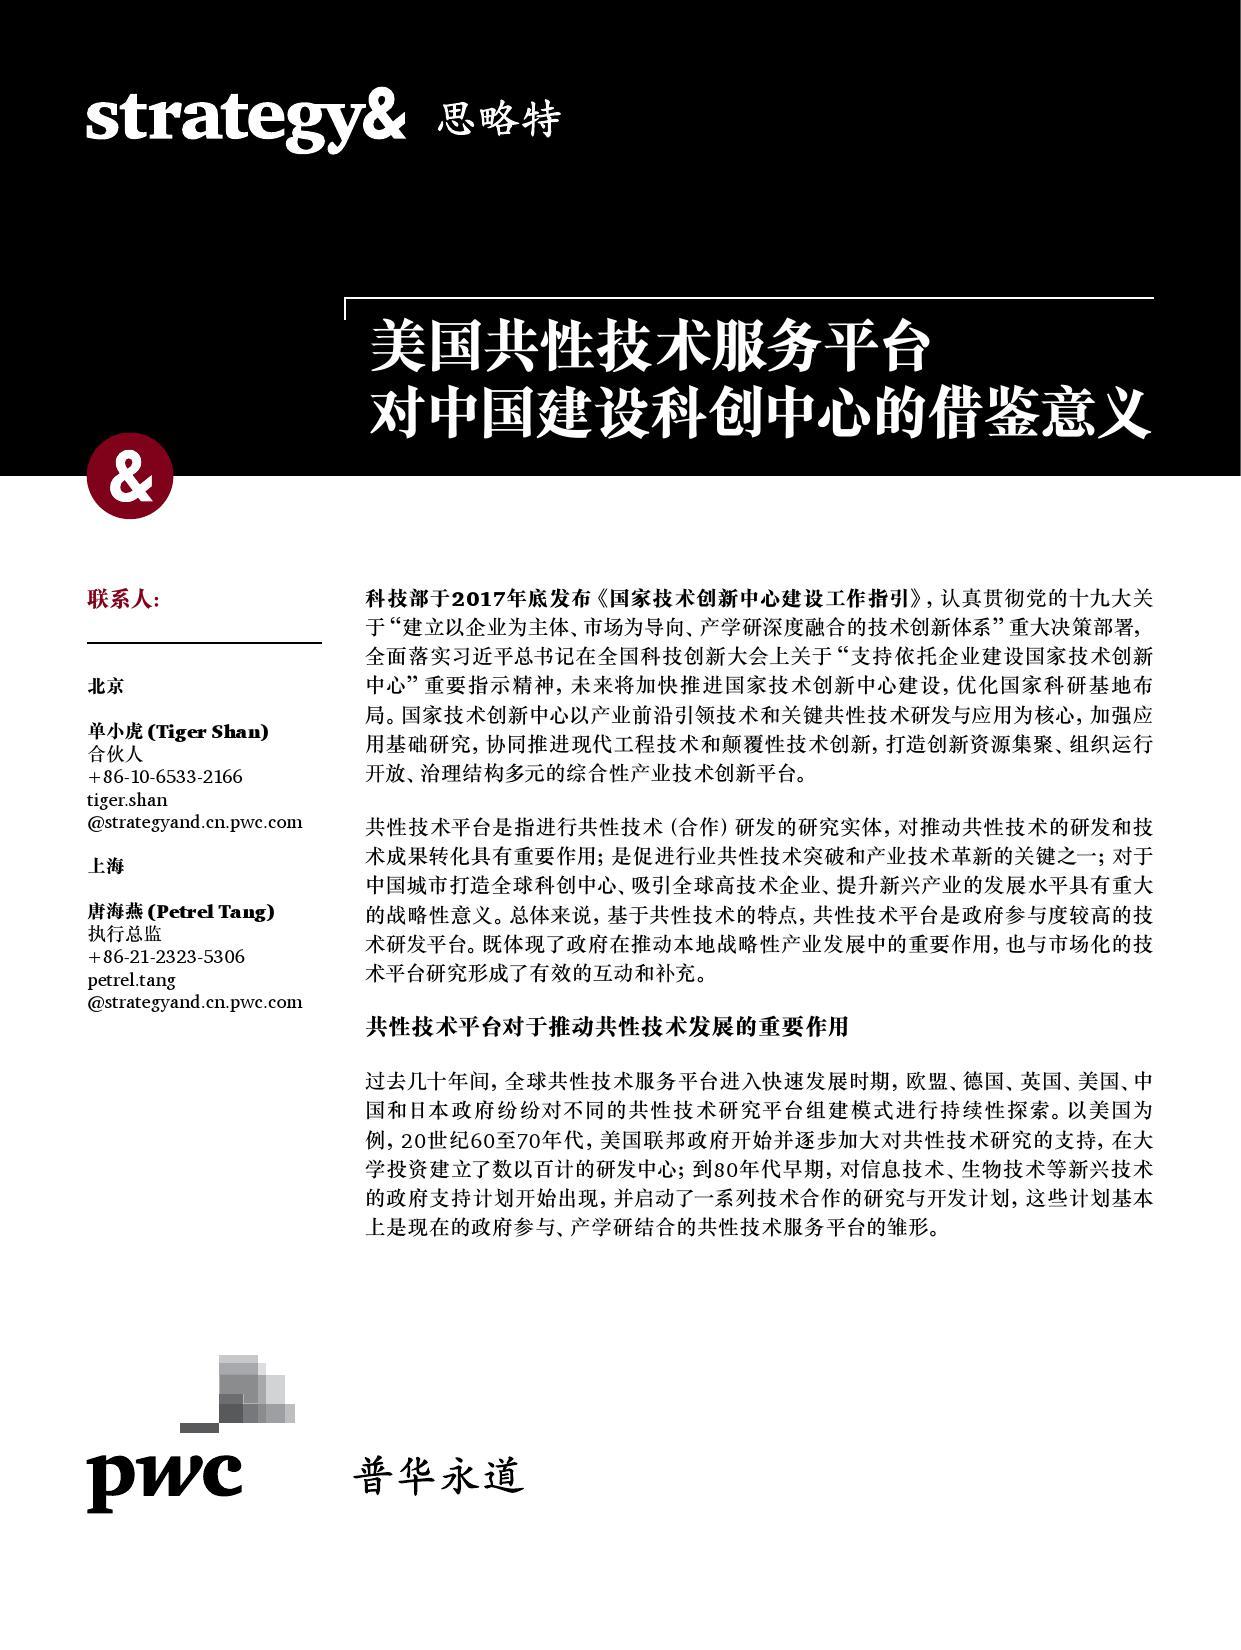 思略特:美国共性技术服务平台对中国建设科创中心的借鉴意义(附下载)